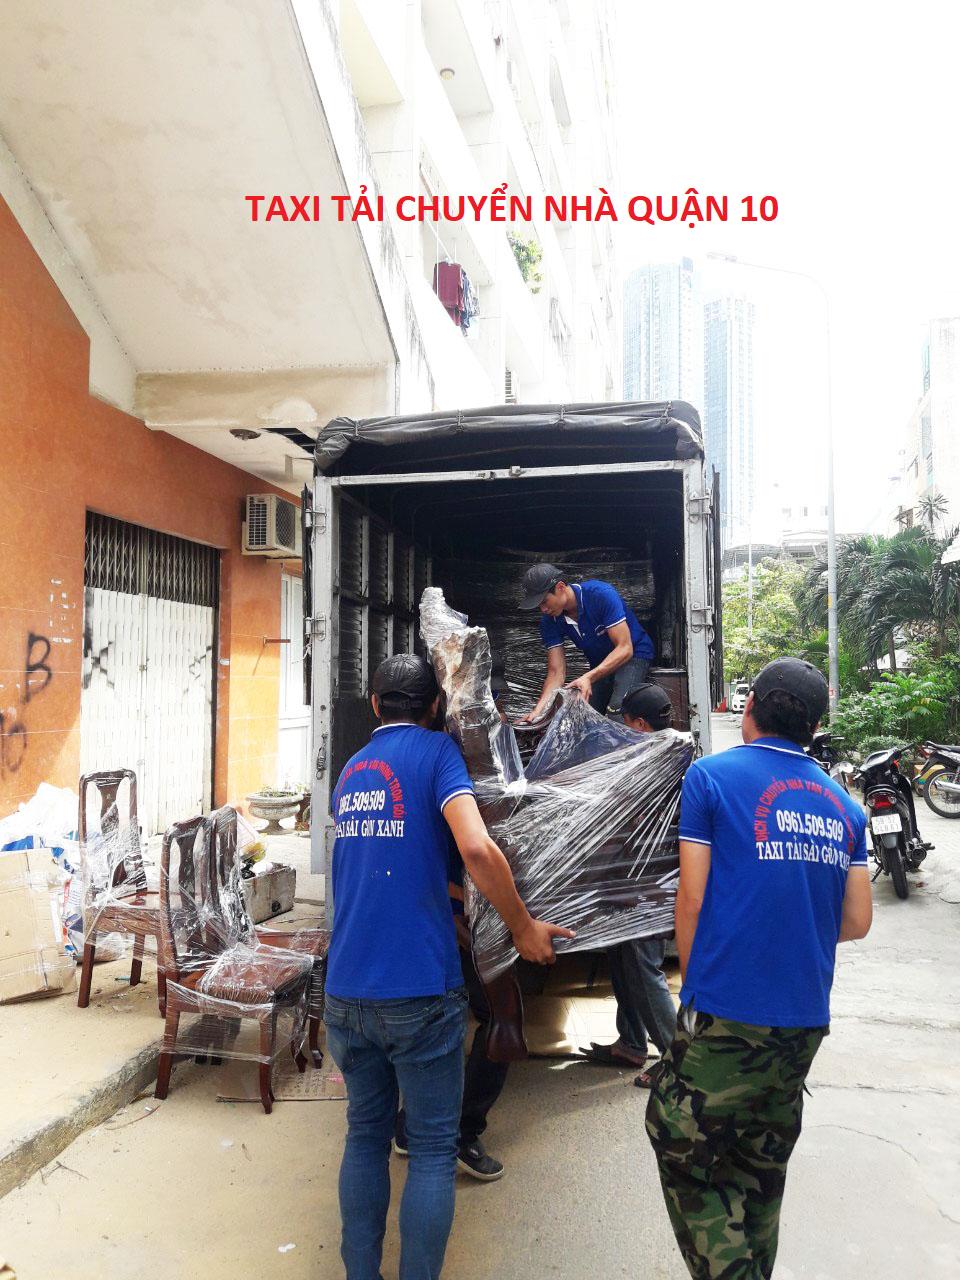 taxi tải chuyển nhà quận 10